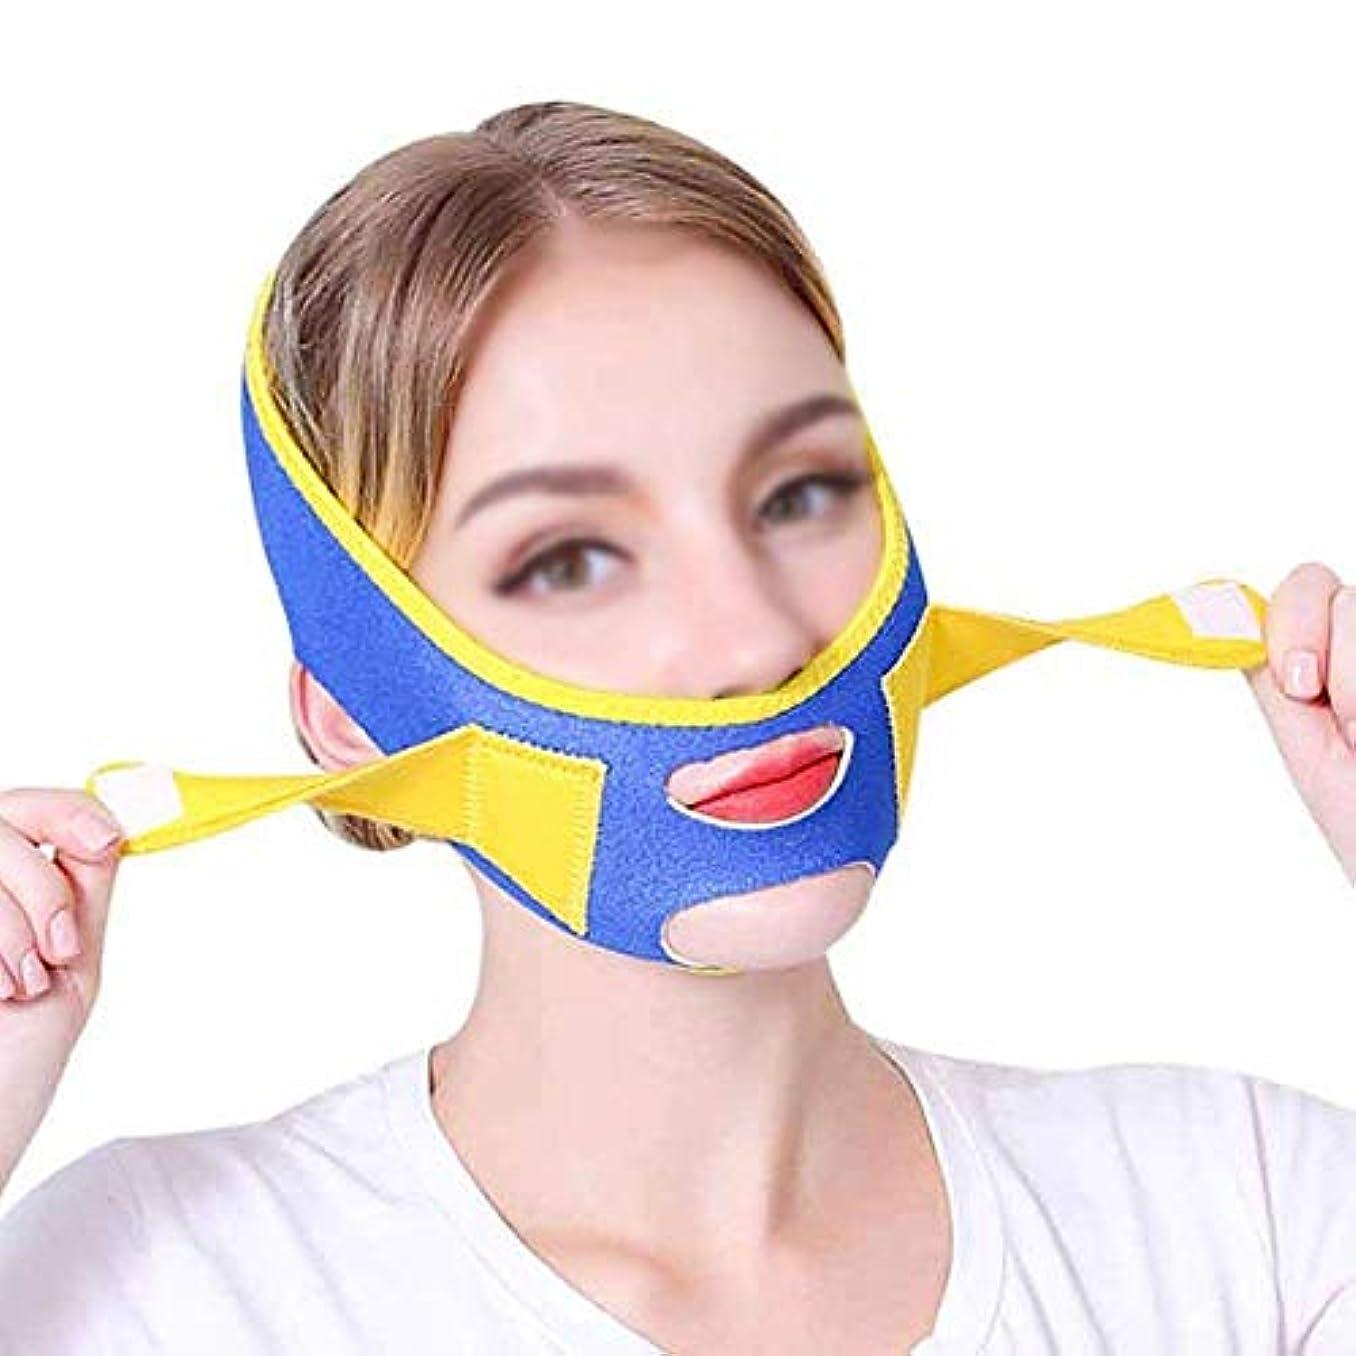 試してみるポット率直なフェイスリフトマスク、あごひも回復包帯薄いフェイスマスクVフェイスステッカーフェイスリフトステッカー韓国本物のリフティング引き締め引き締め成形薄いダブルチンフェイスリフト睡眠包帯アーティファクト